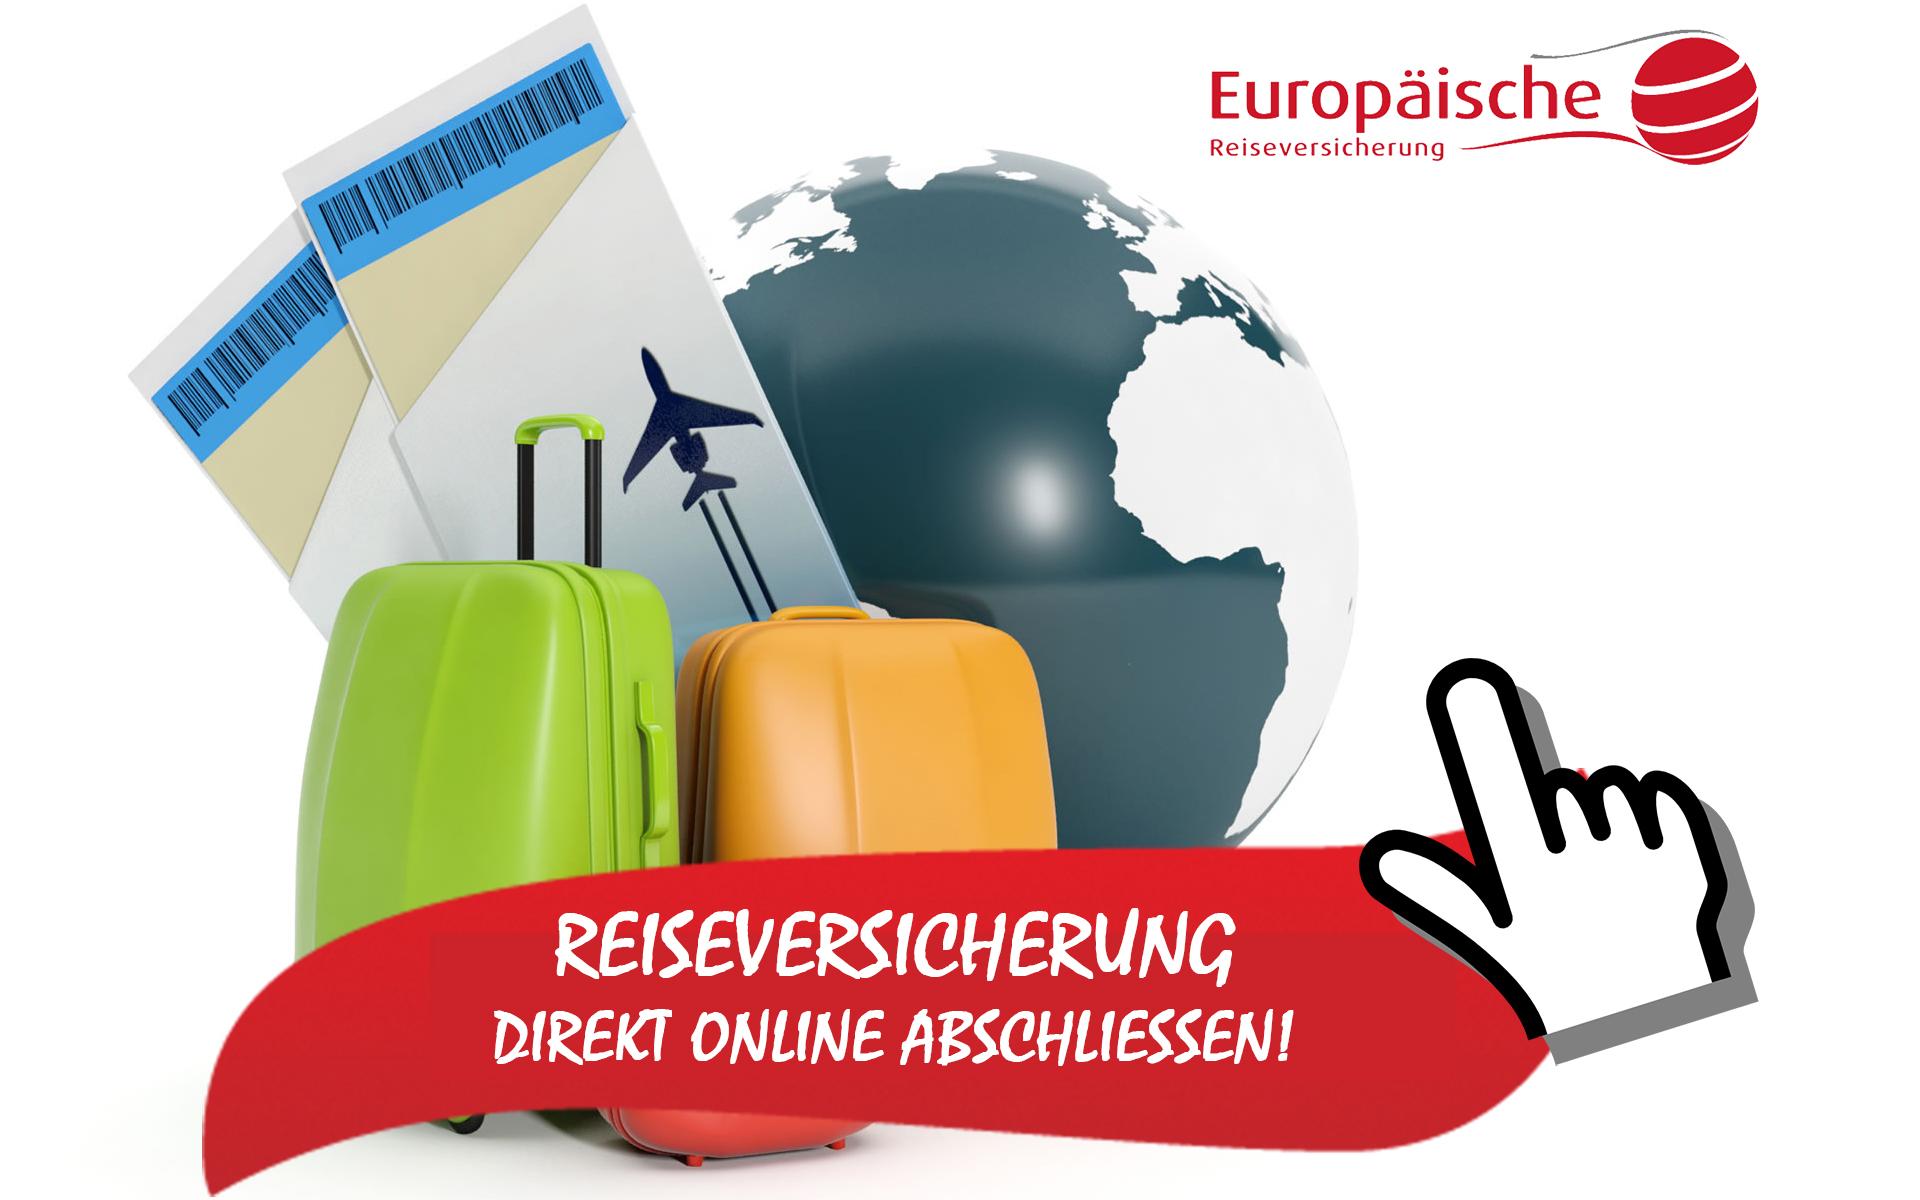 Jetzt Reiseversicherung abschließen!